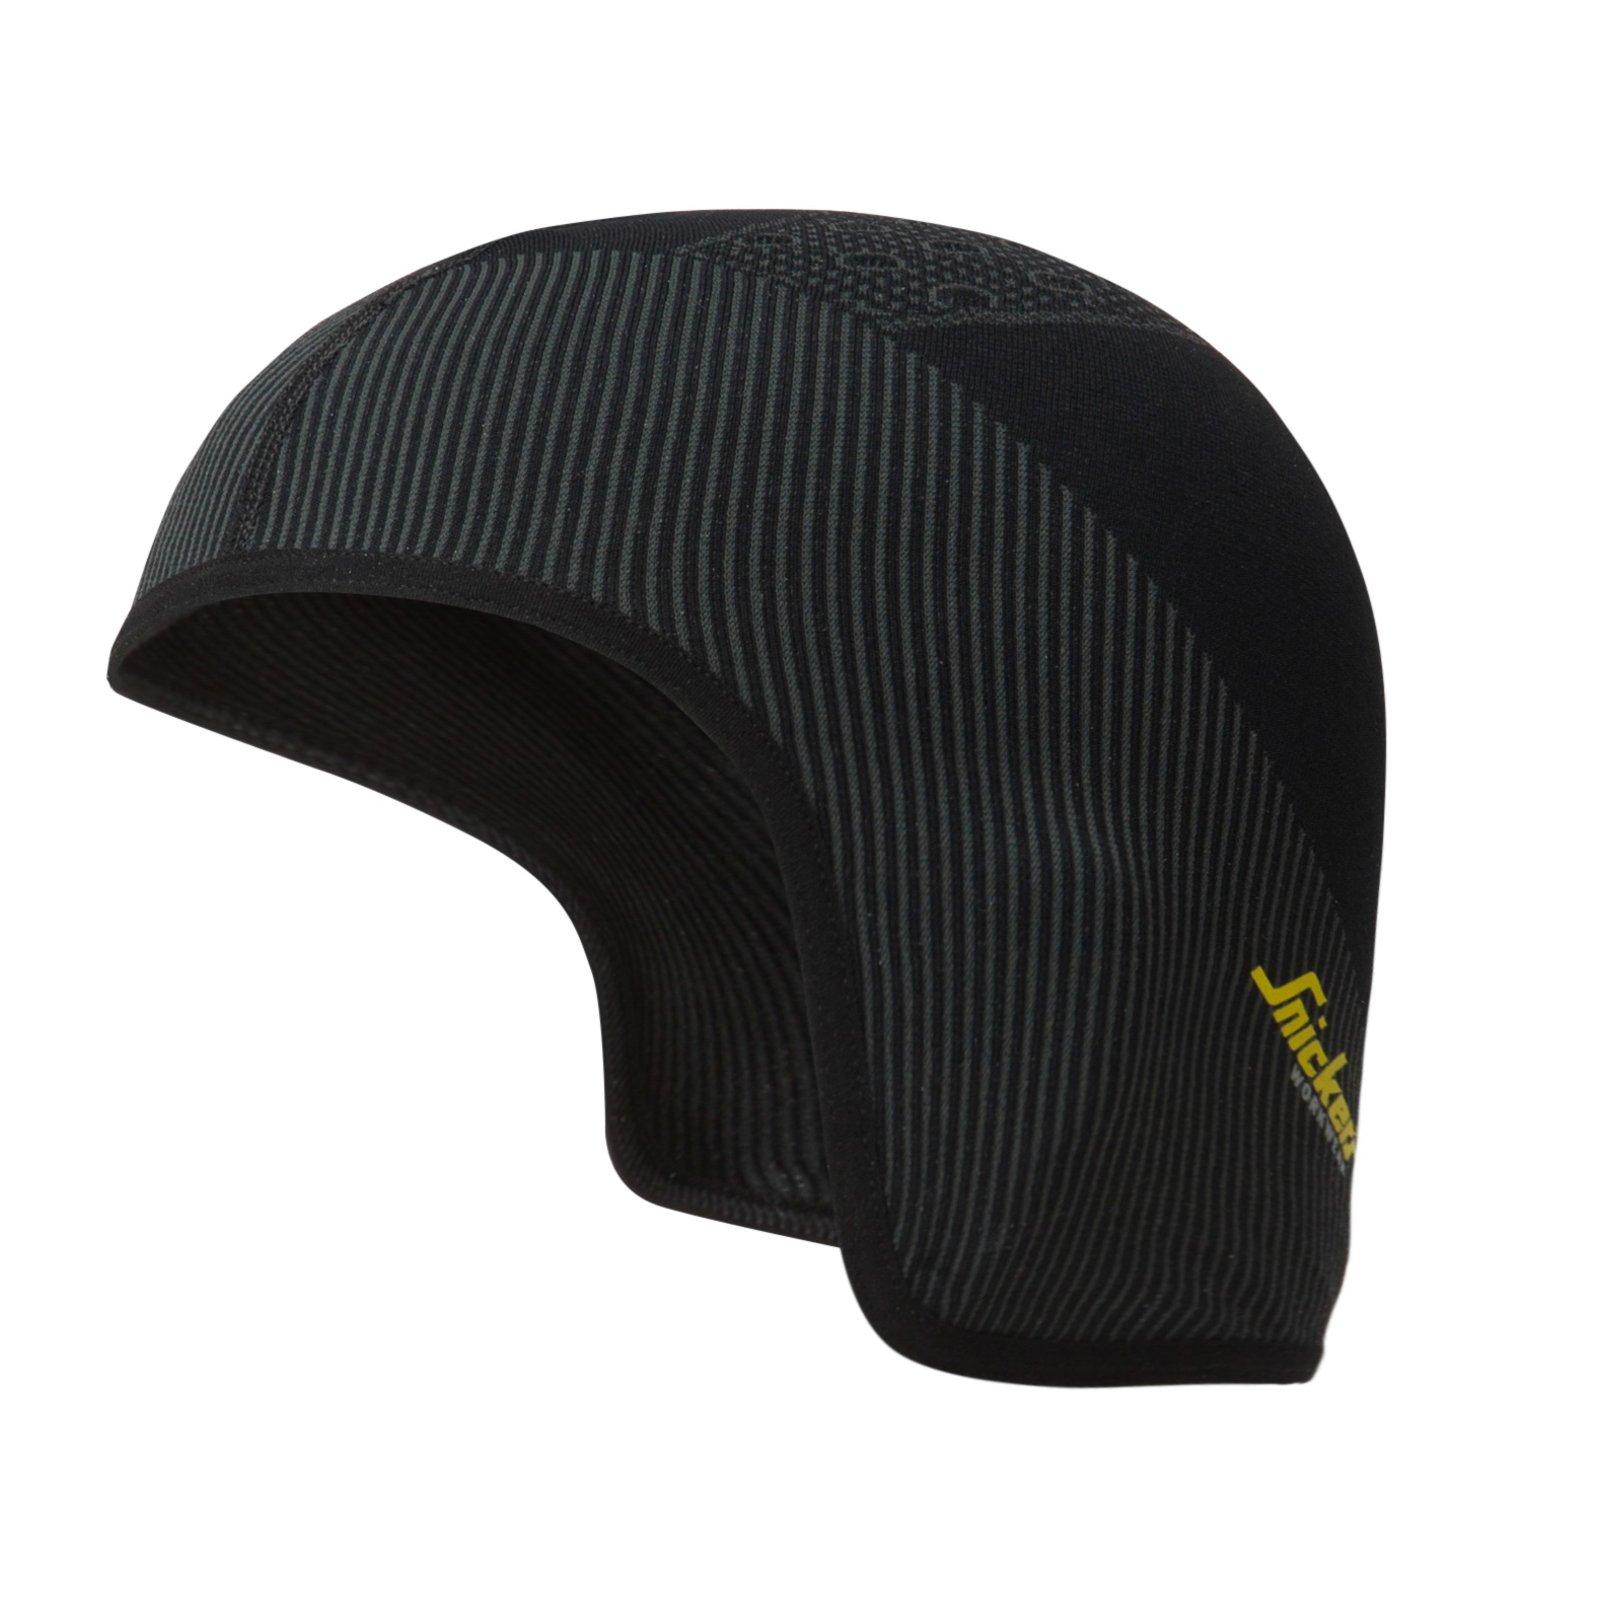 157e92eae 9053 Flexiwork, Seamless Helmet Liner